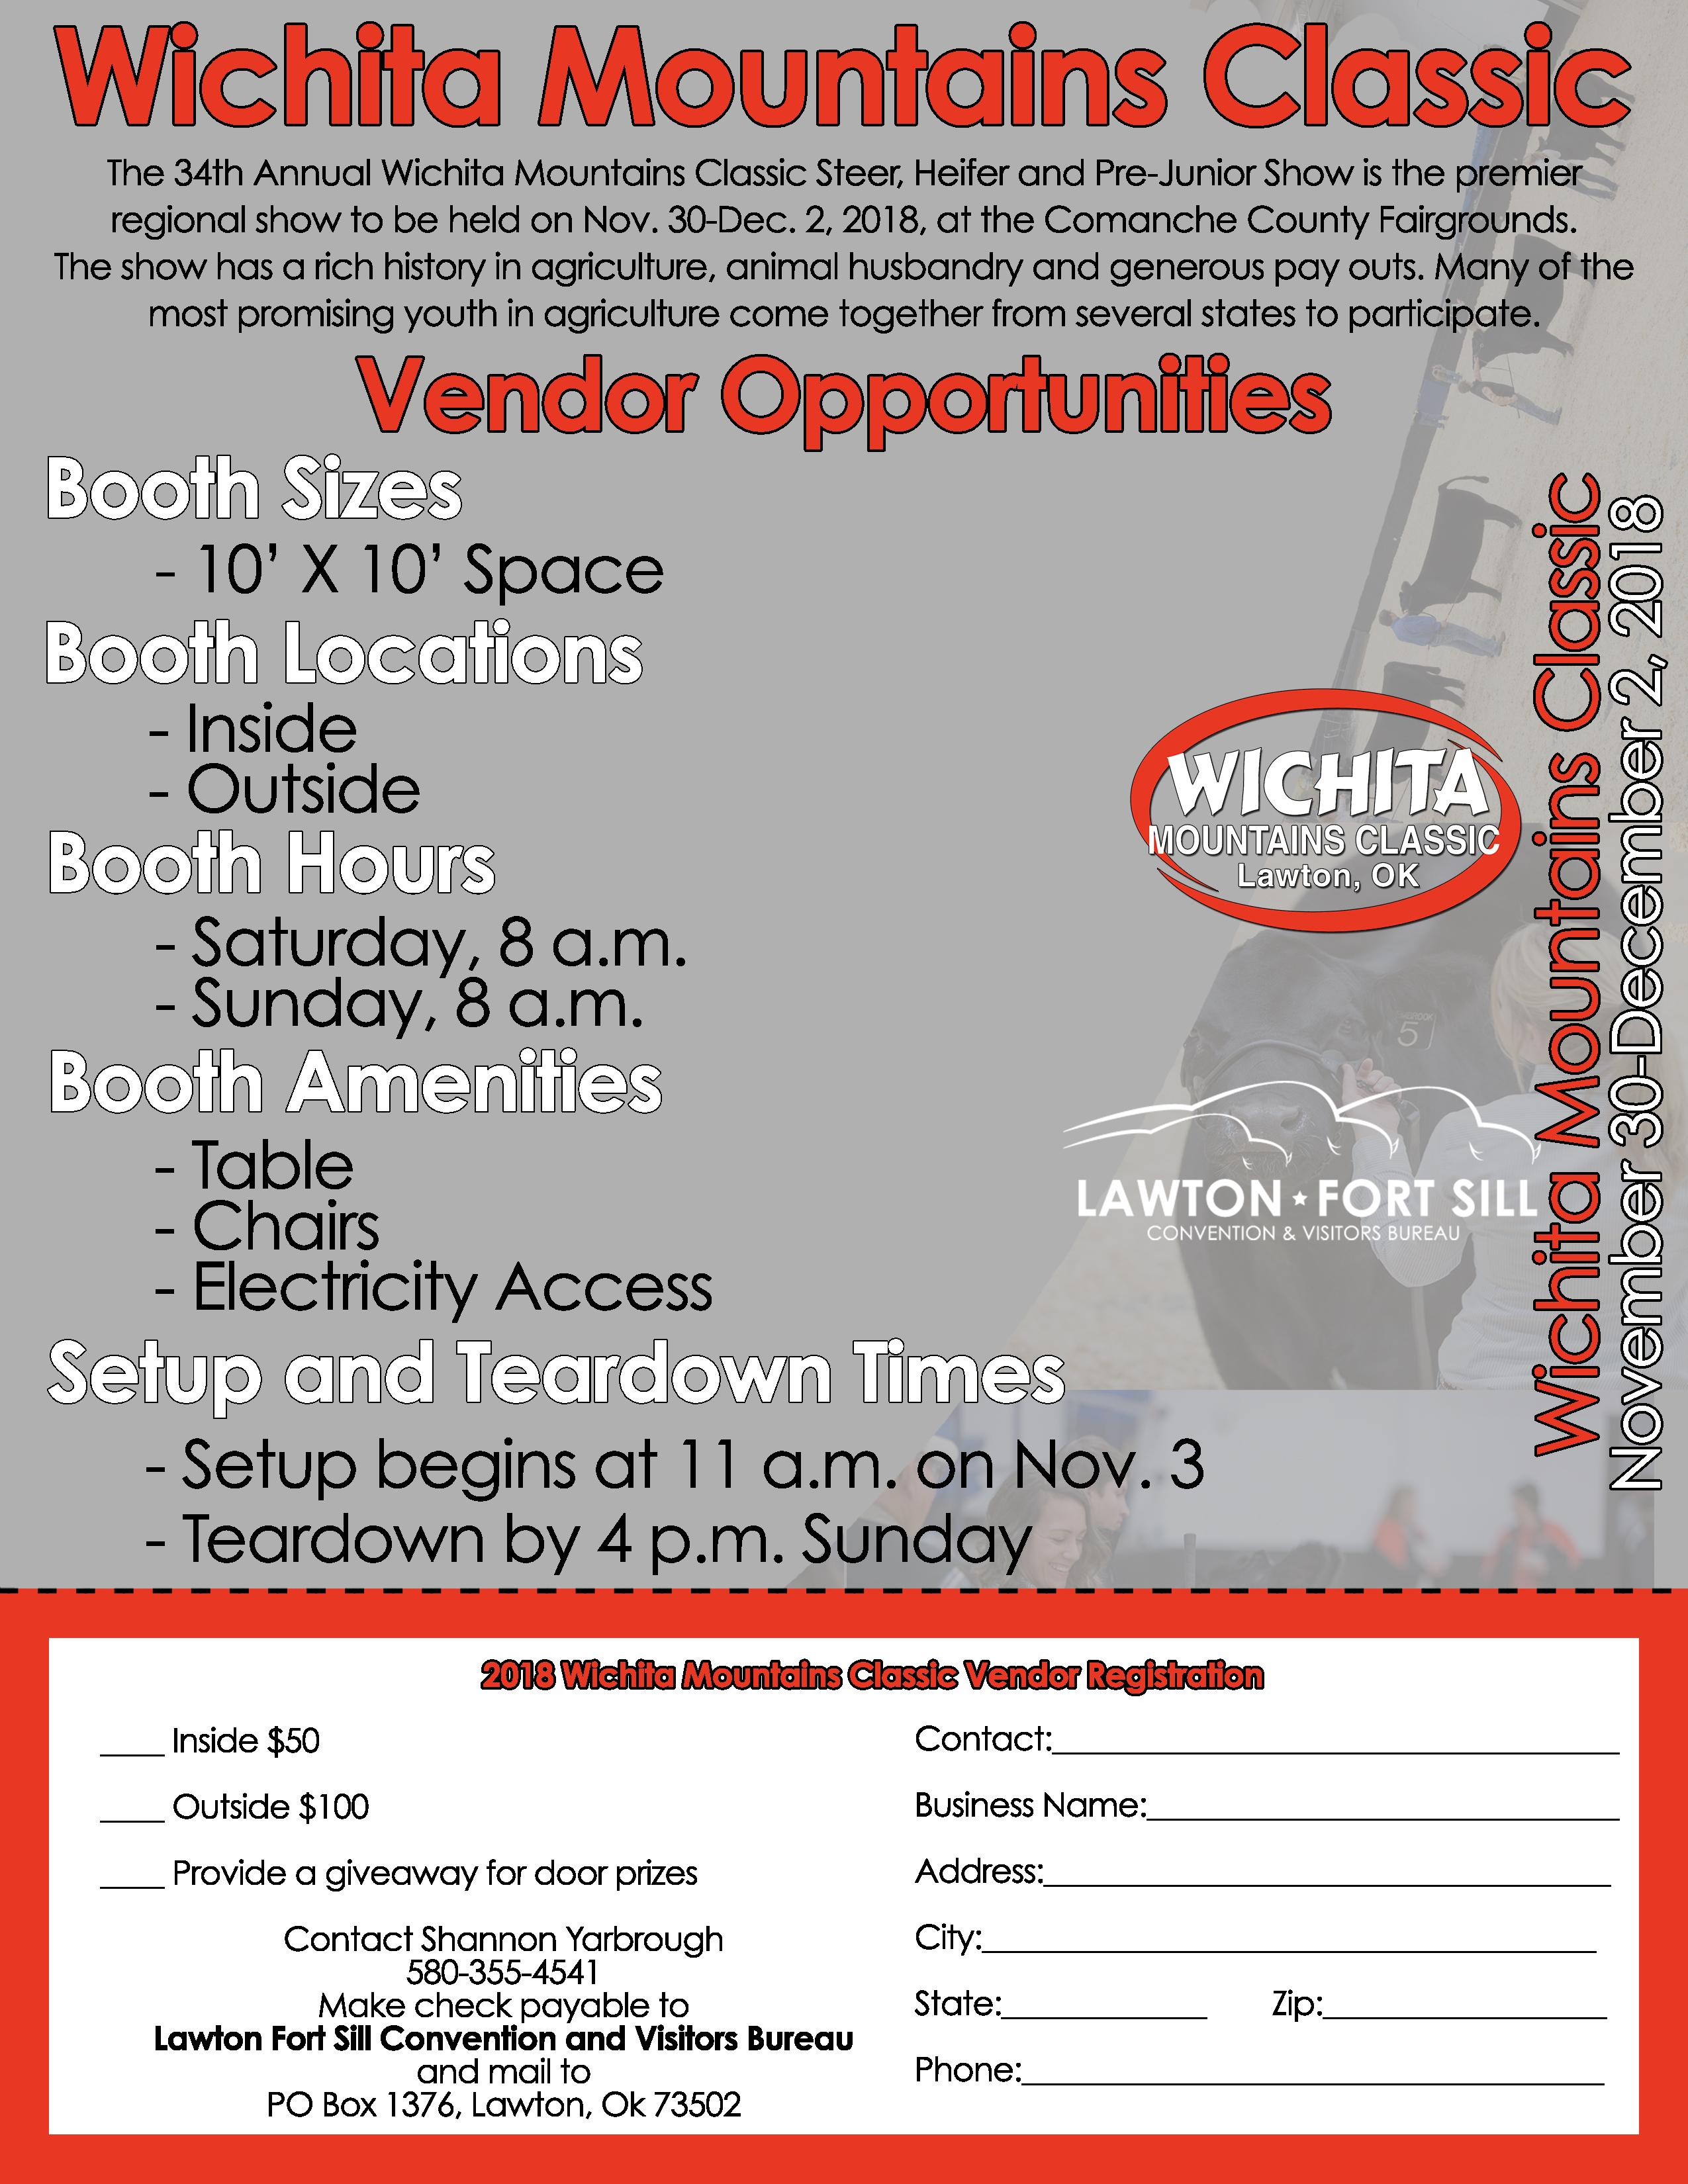 2018 Wichita Mountains Classic Show Seeking Vendors   Lawton